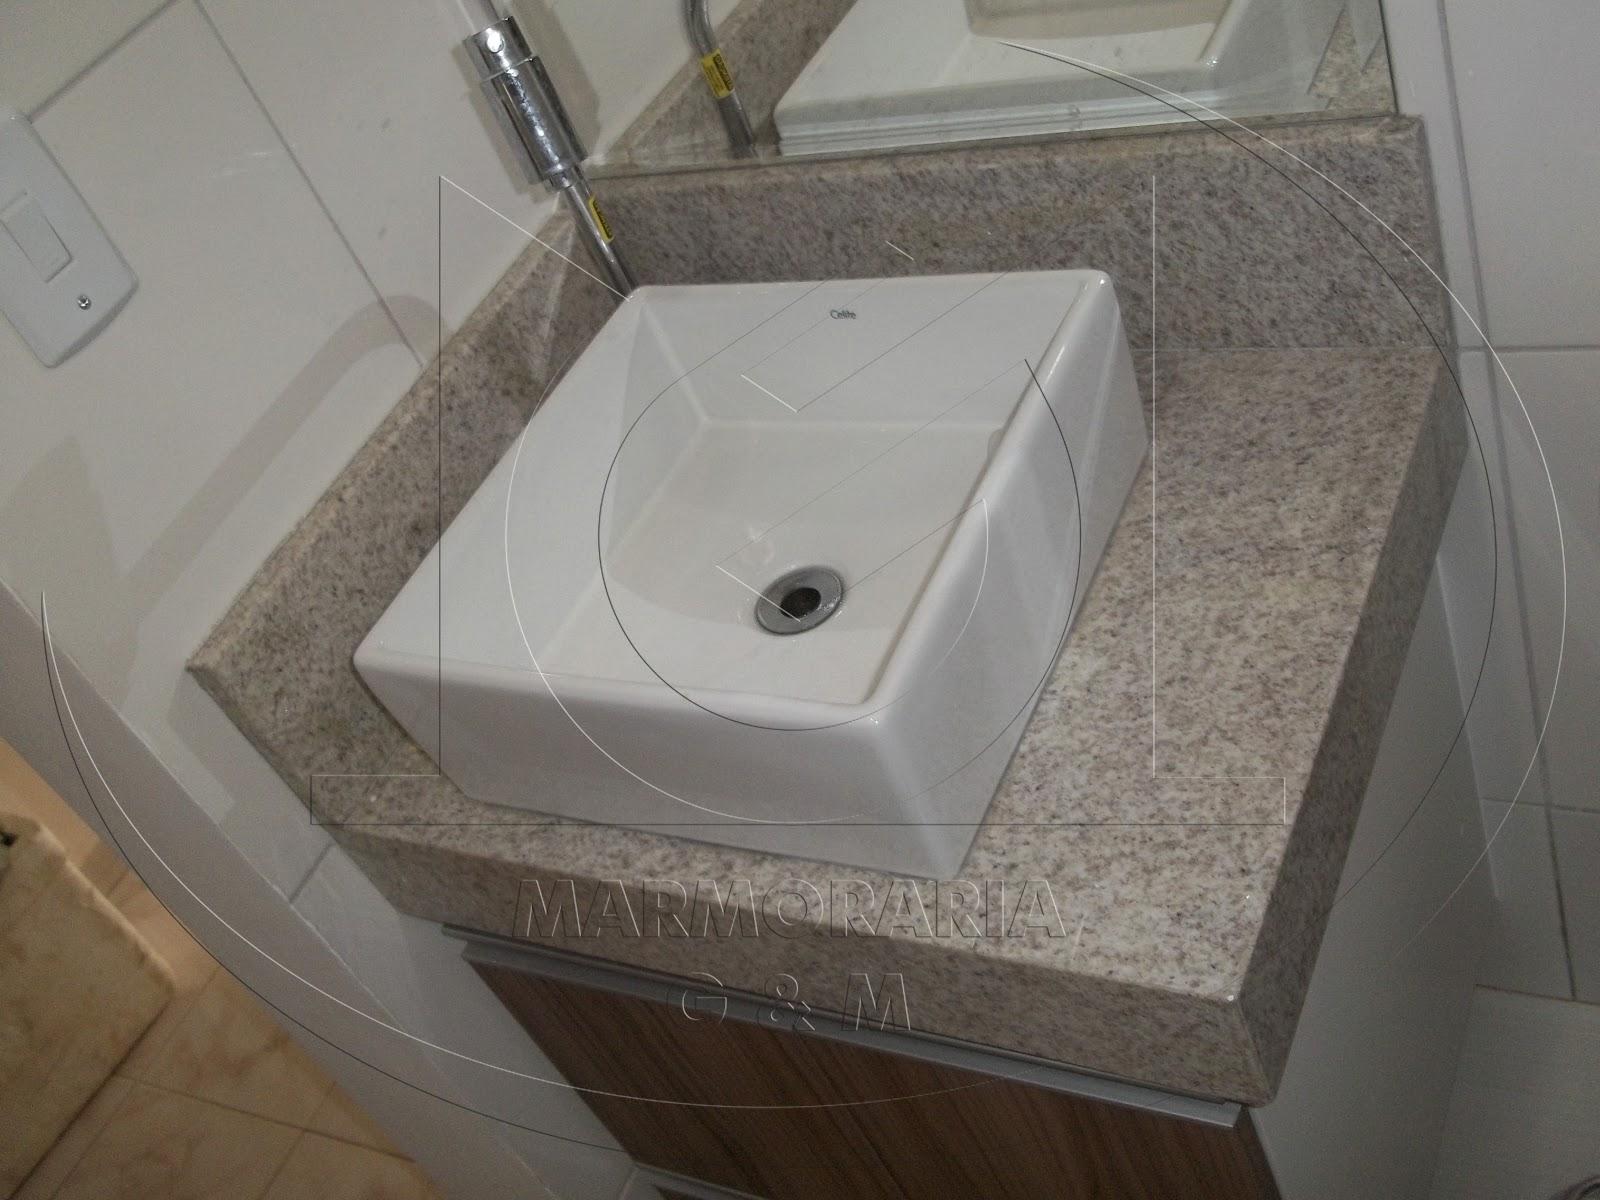 Lavatório em Granito Branco Siena Marmoraria Goiás e Minas #5D5041 1600x1200 Banheiro Com Granito Branco